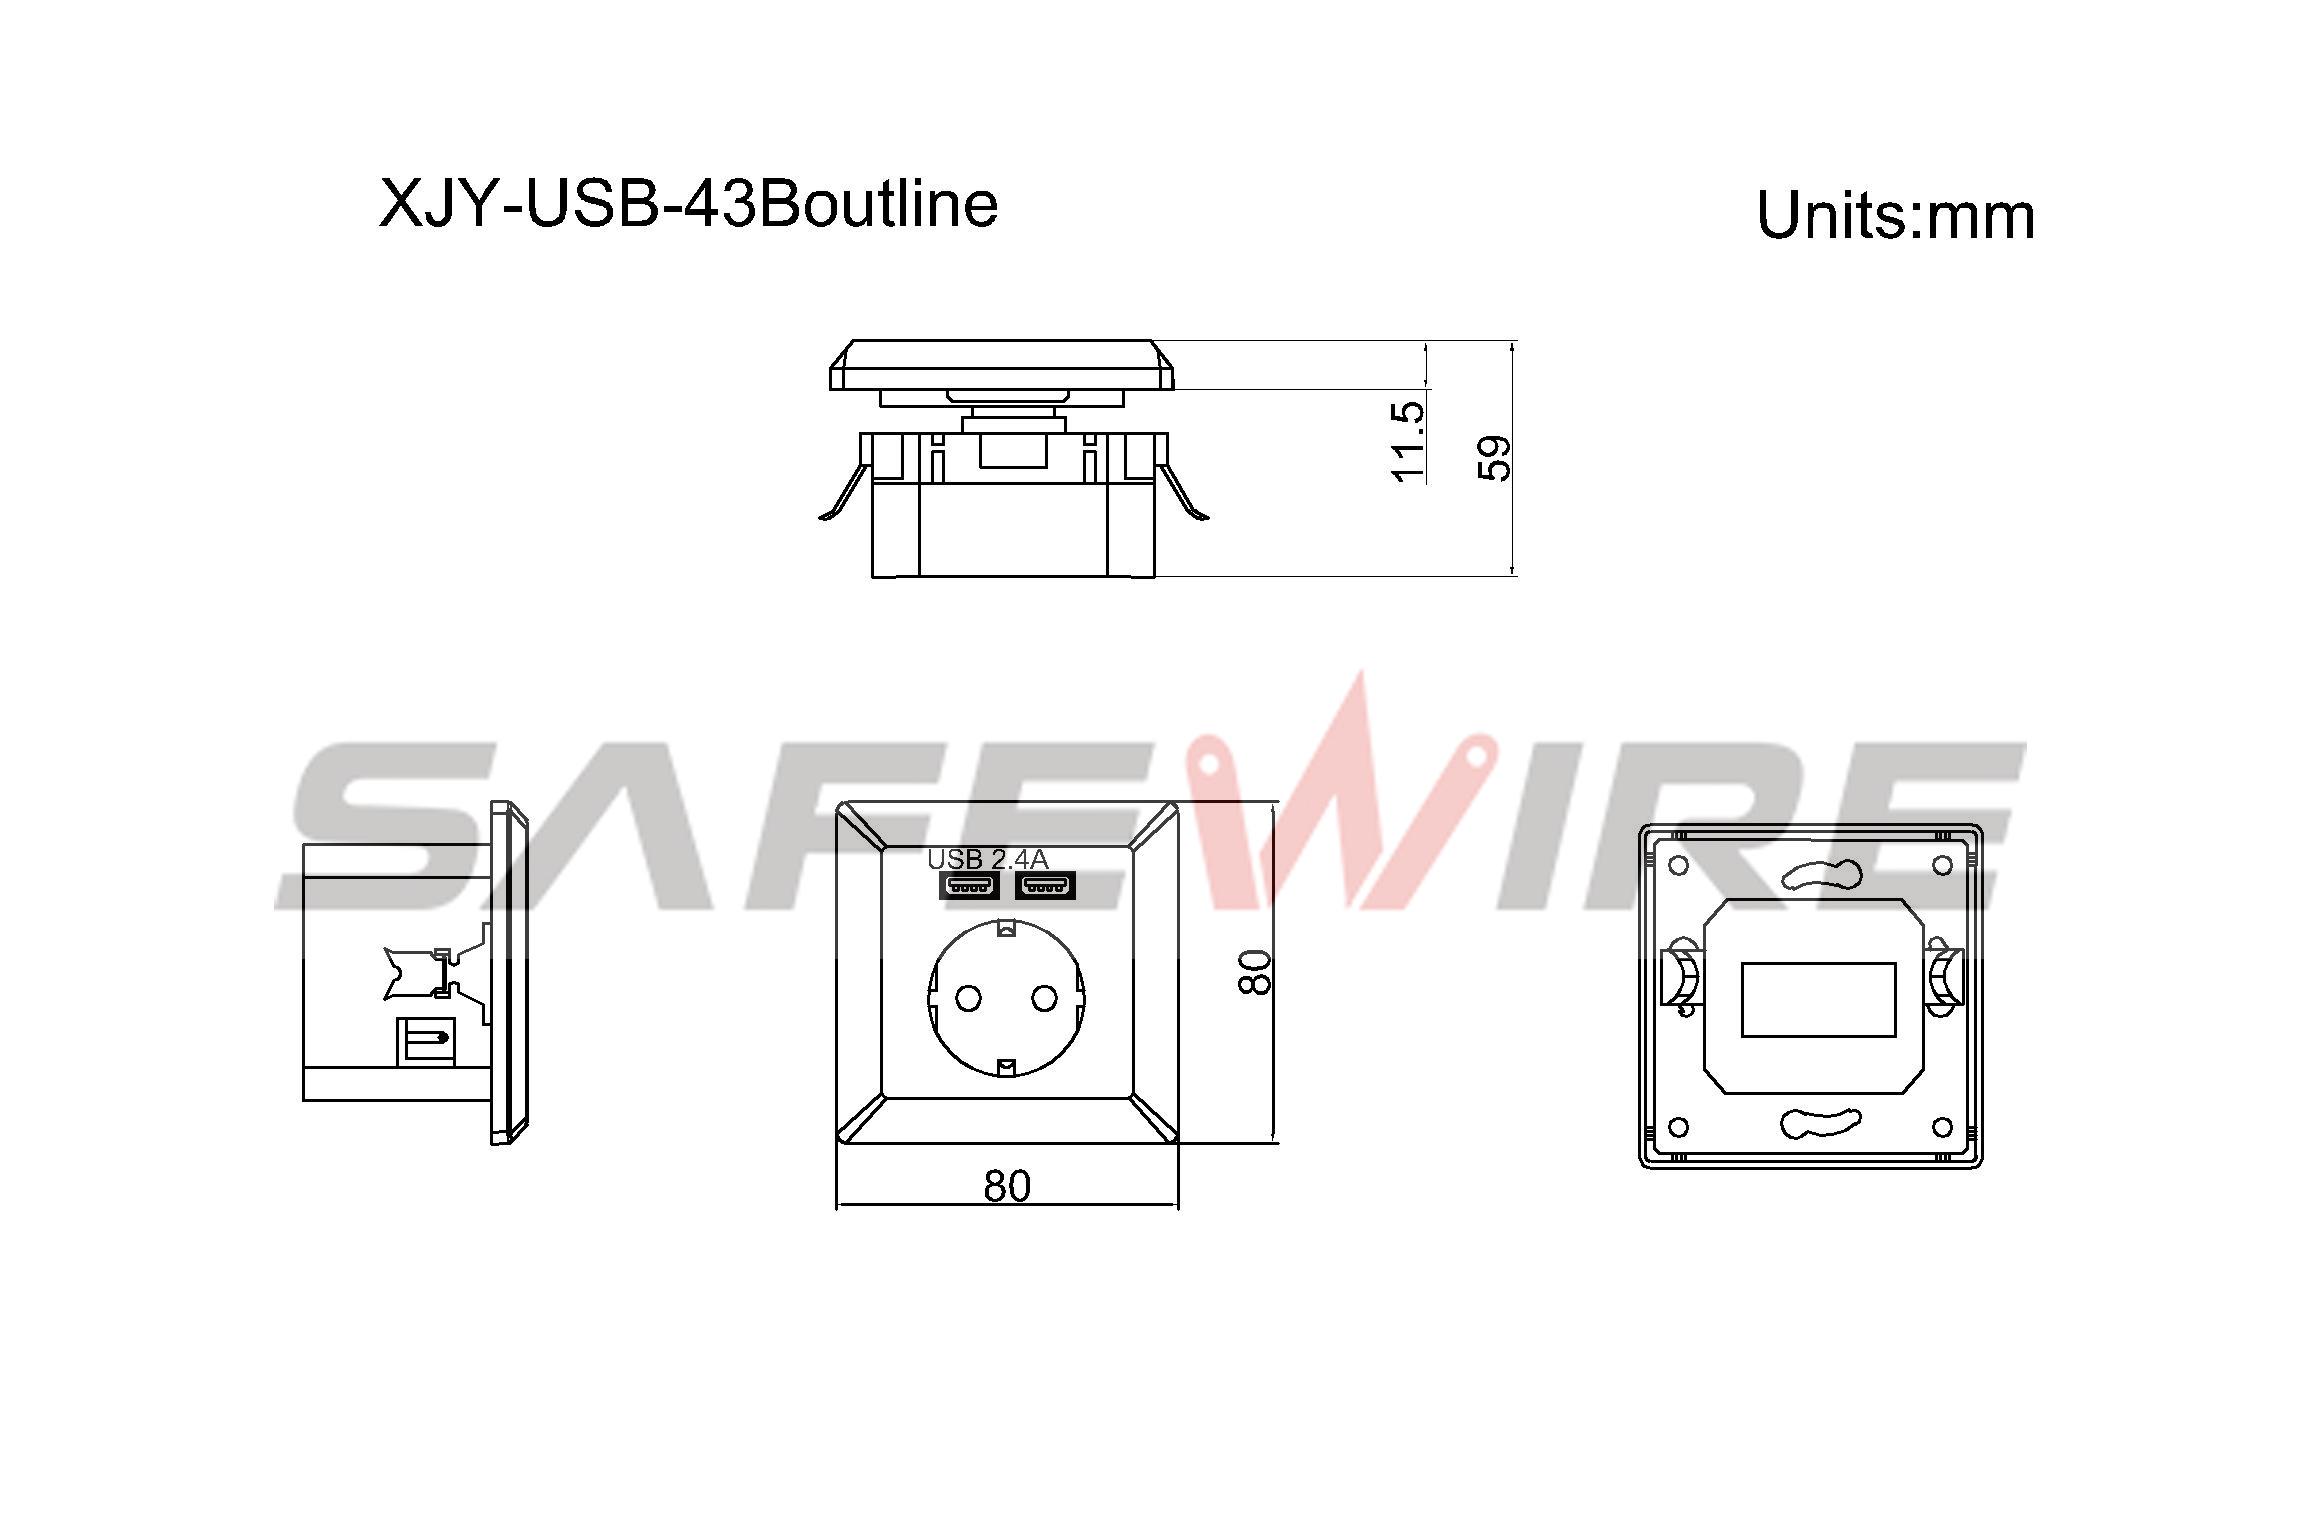 XJY-USB-43B